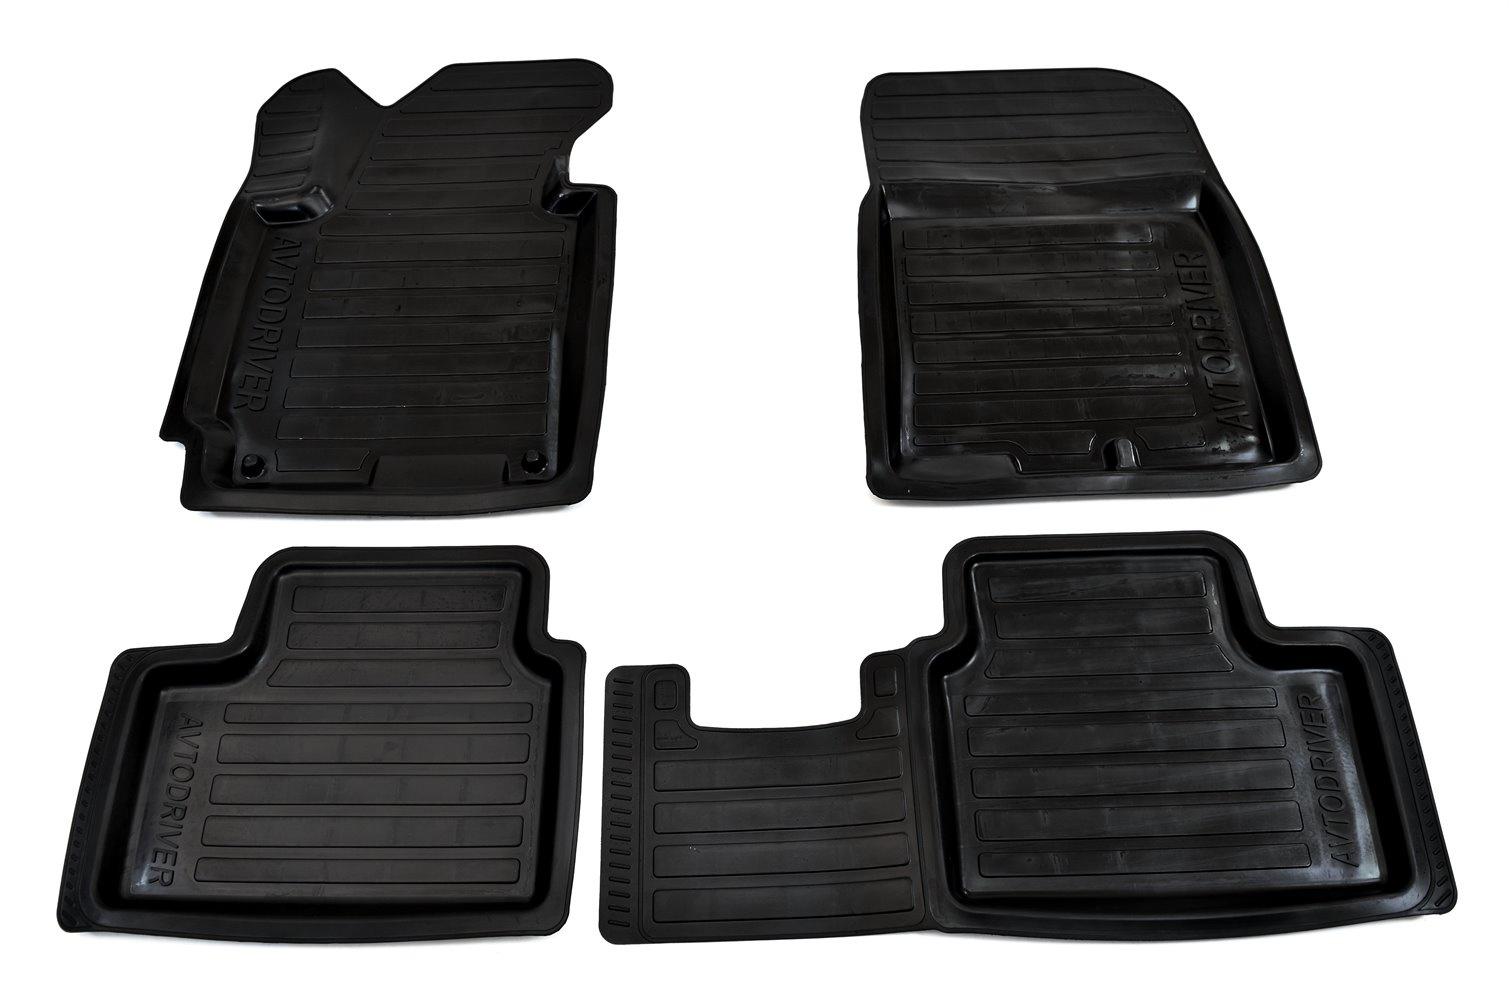 Коврики в салон автомобиля Avtodriver, для Kia Ceed, 2012-, ADRPRO022, резиновые, с бортиком, черный упоры капота тсс для kia ceed 2012 2015